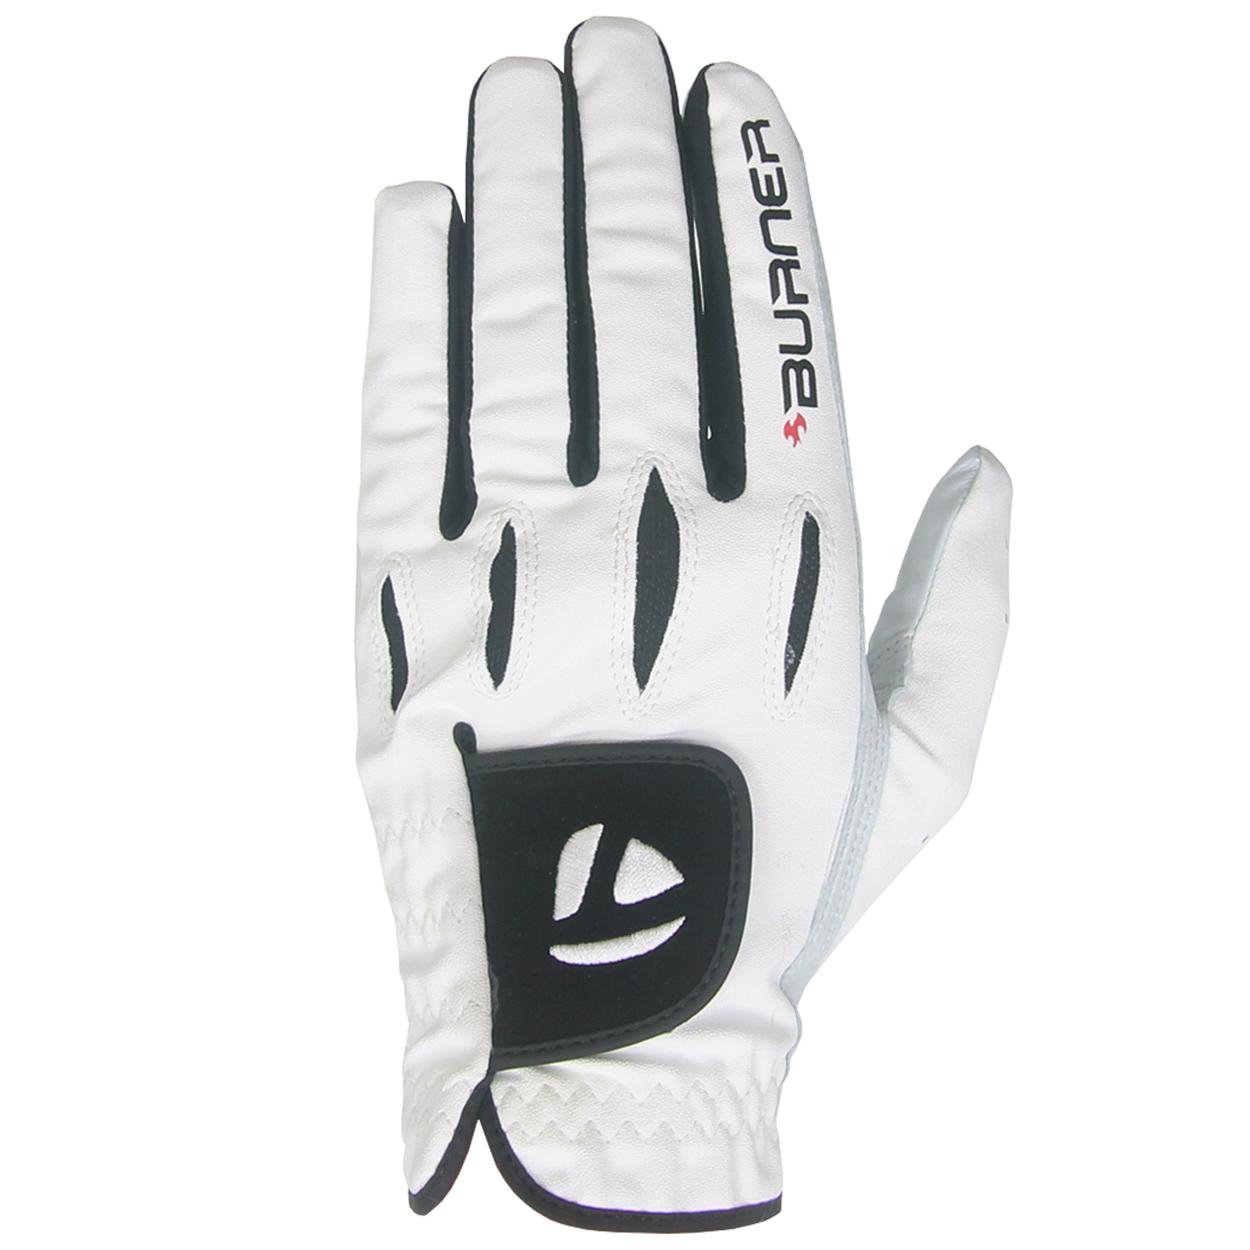 3-pack TaylorMade Burner GS Mens Golf Gloves